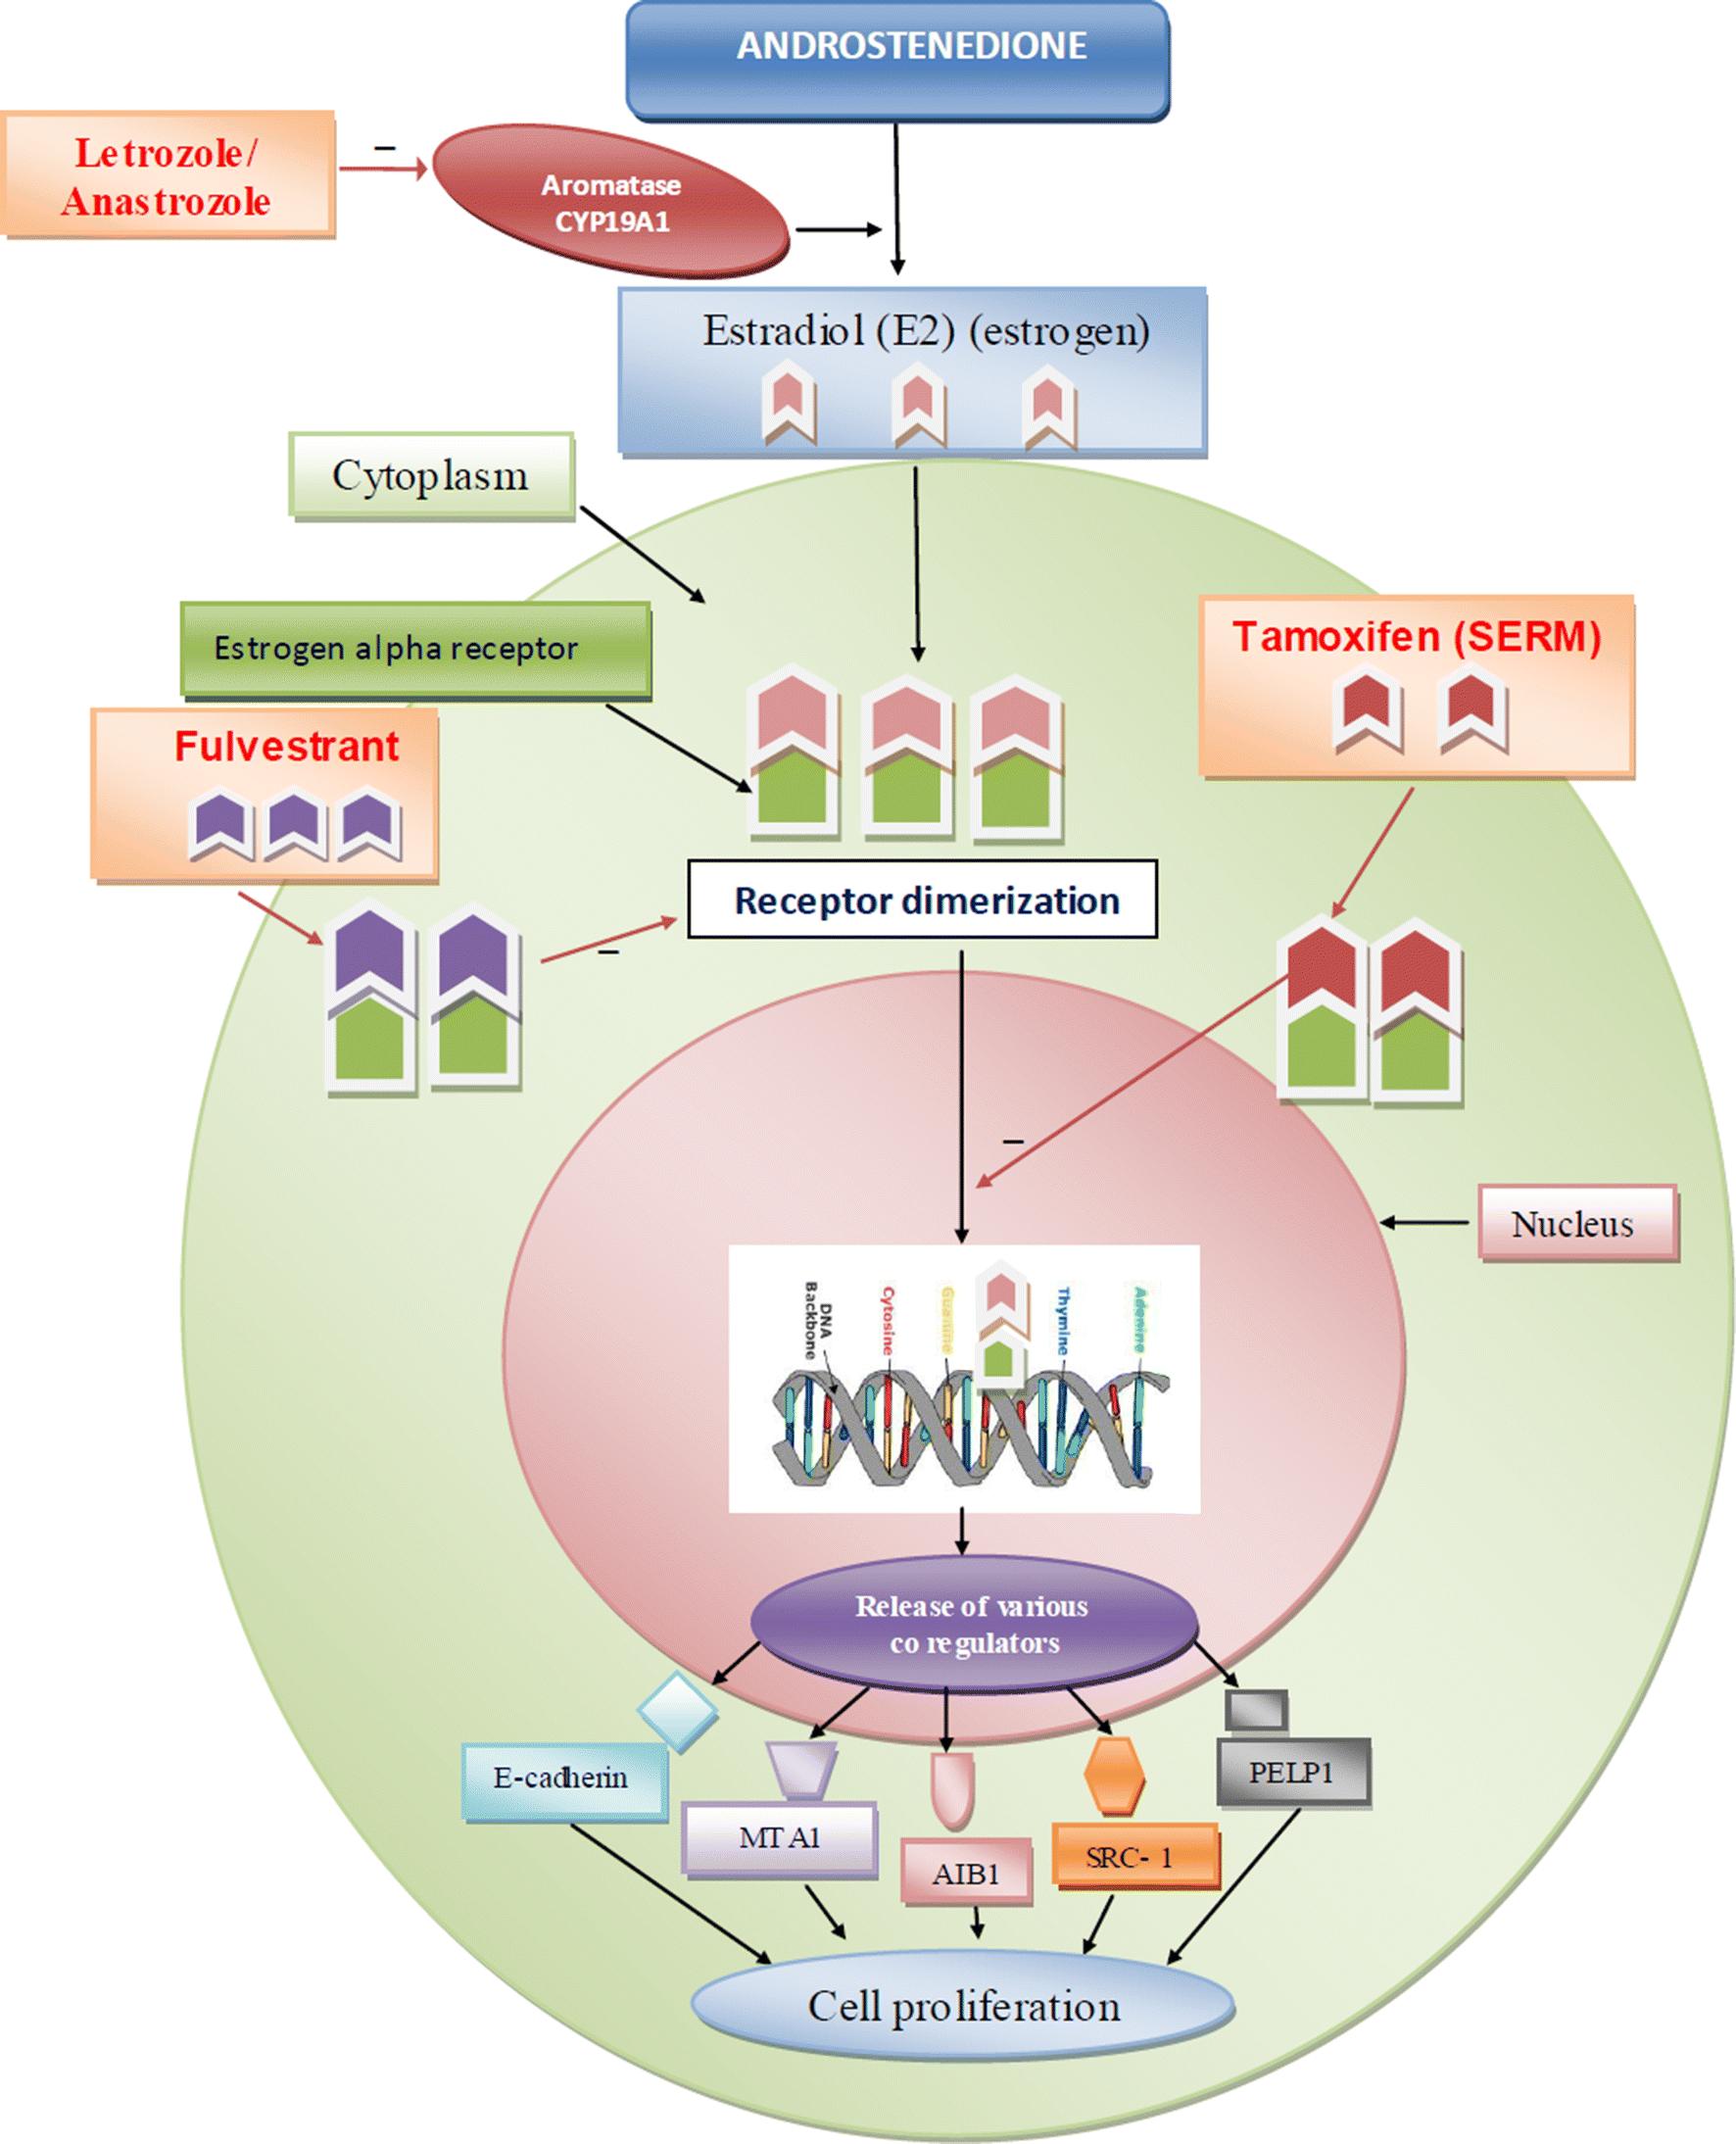 Estrogen Alpha Receptor Antagonists For The Treatment Of